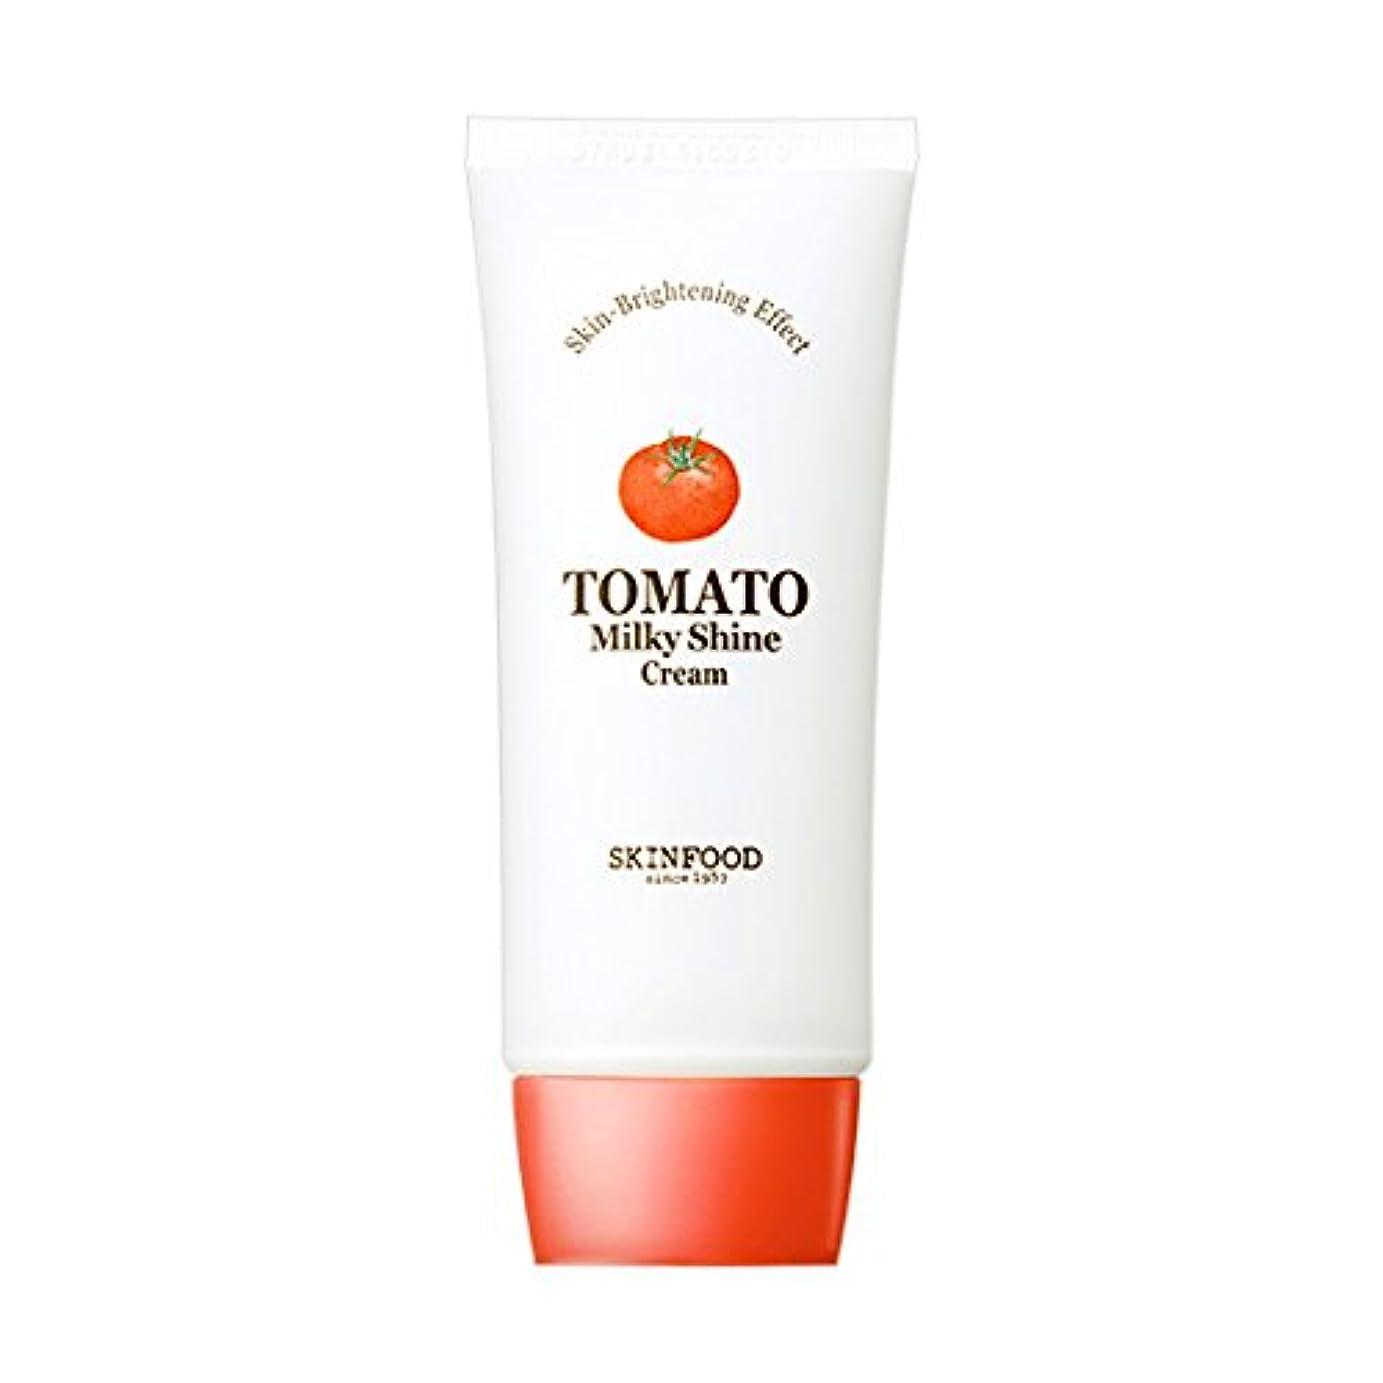 大量被害者本物Skinfood トマトミルキーシャインクリーム/omato Milky Shine Cream 50ml [並行輸入品]